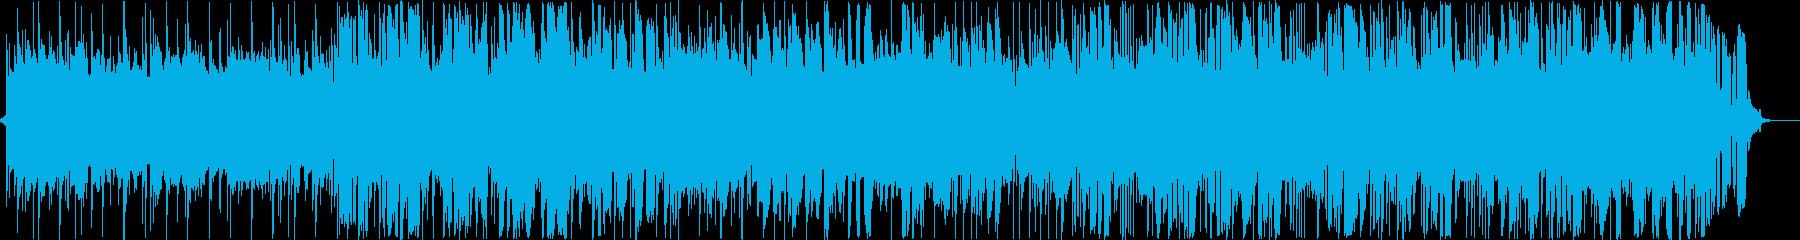 ジャズとファンク。サックス、ブラス...の再生済みの波形